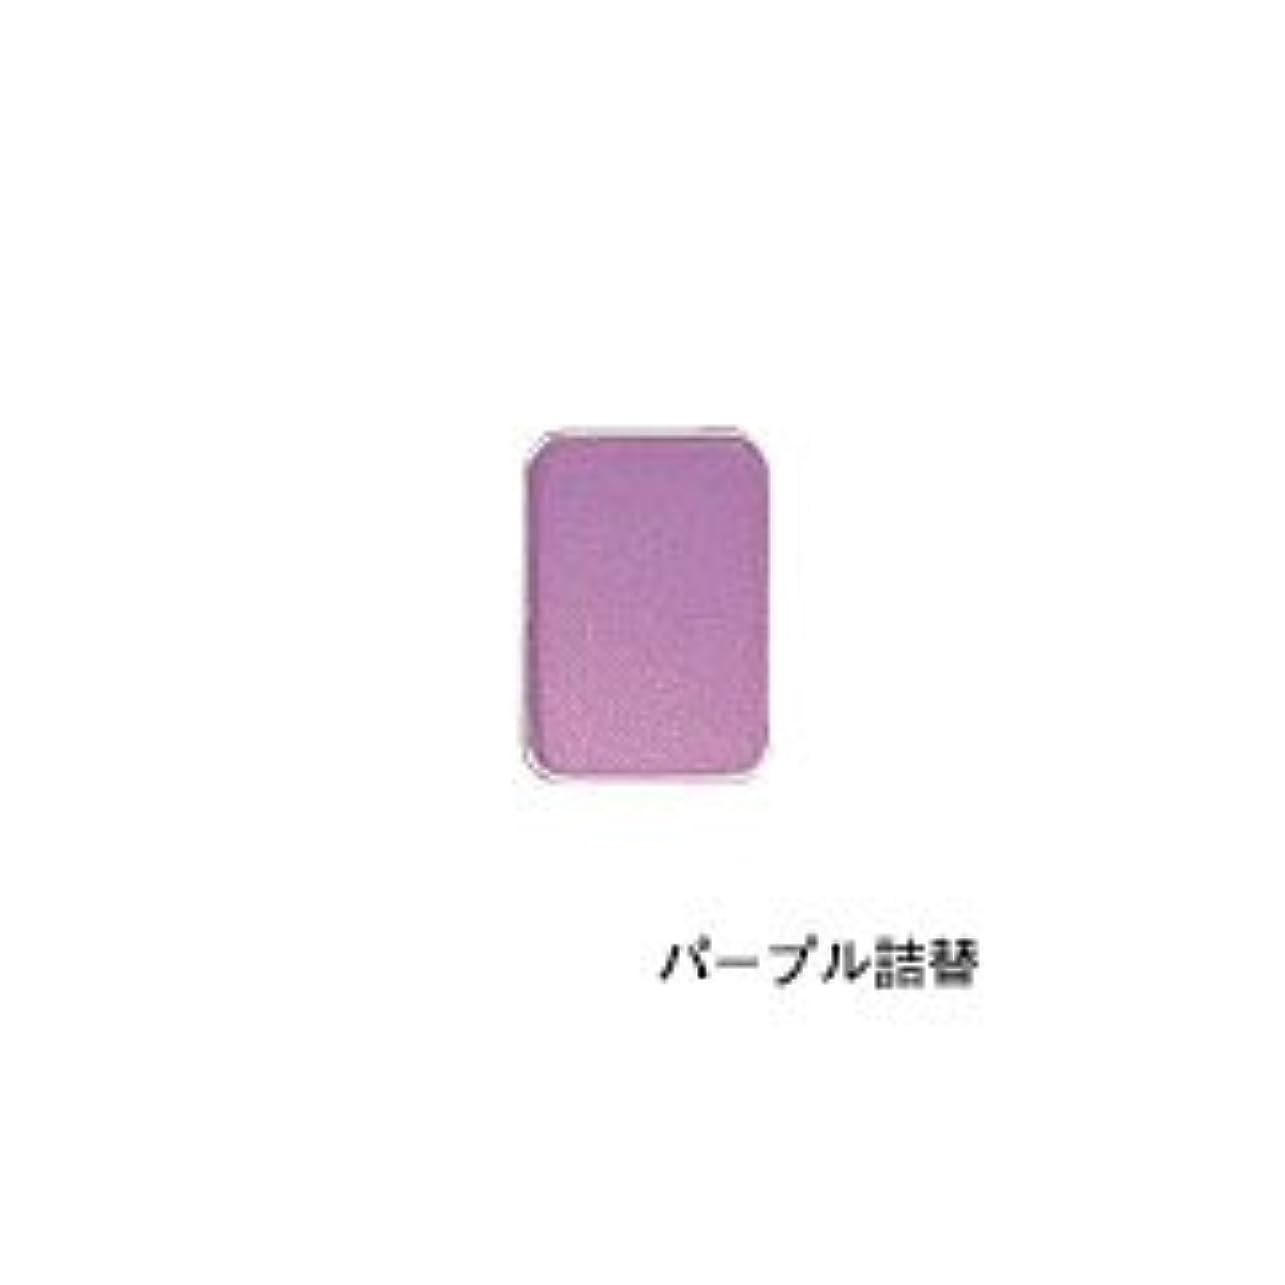 キラウエア山クーポン主リマナチュラル ピュアアイカラー 詰替用 パープル×2個       JAN:4514991230446